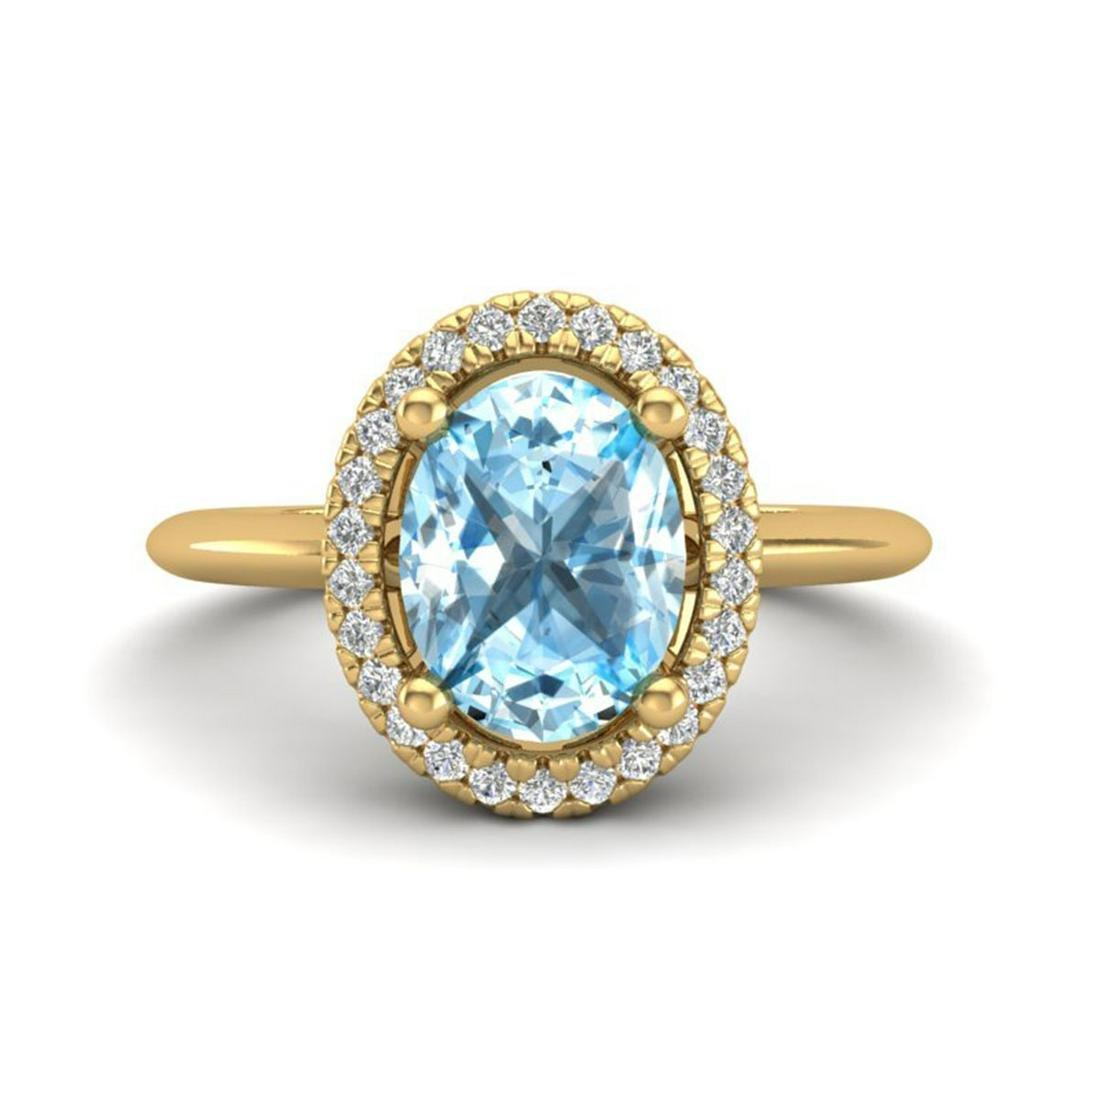 2 ctw Sky Blue Topaz & VS/SI Diamond Ring Halo 18K